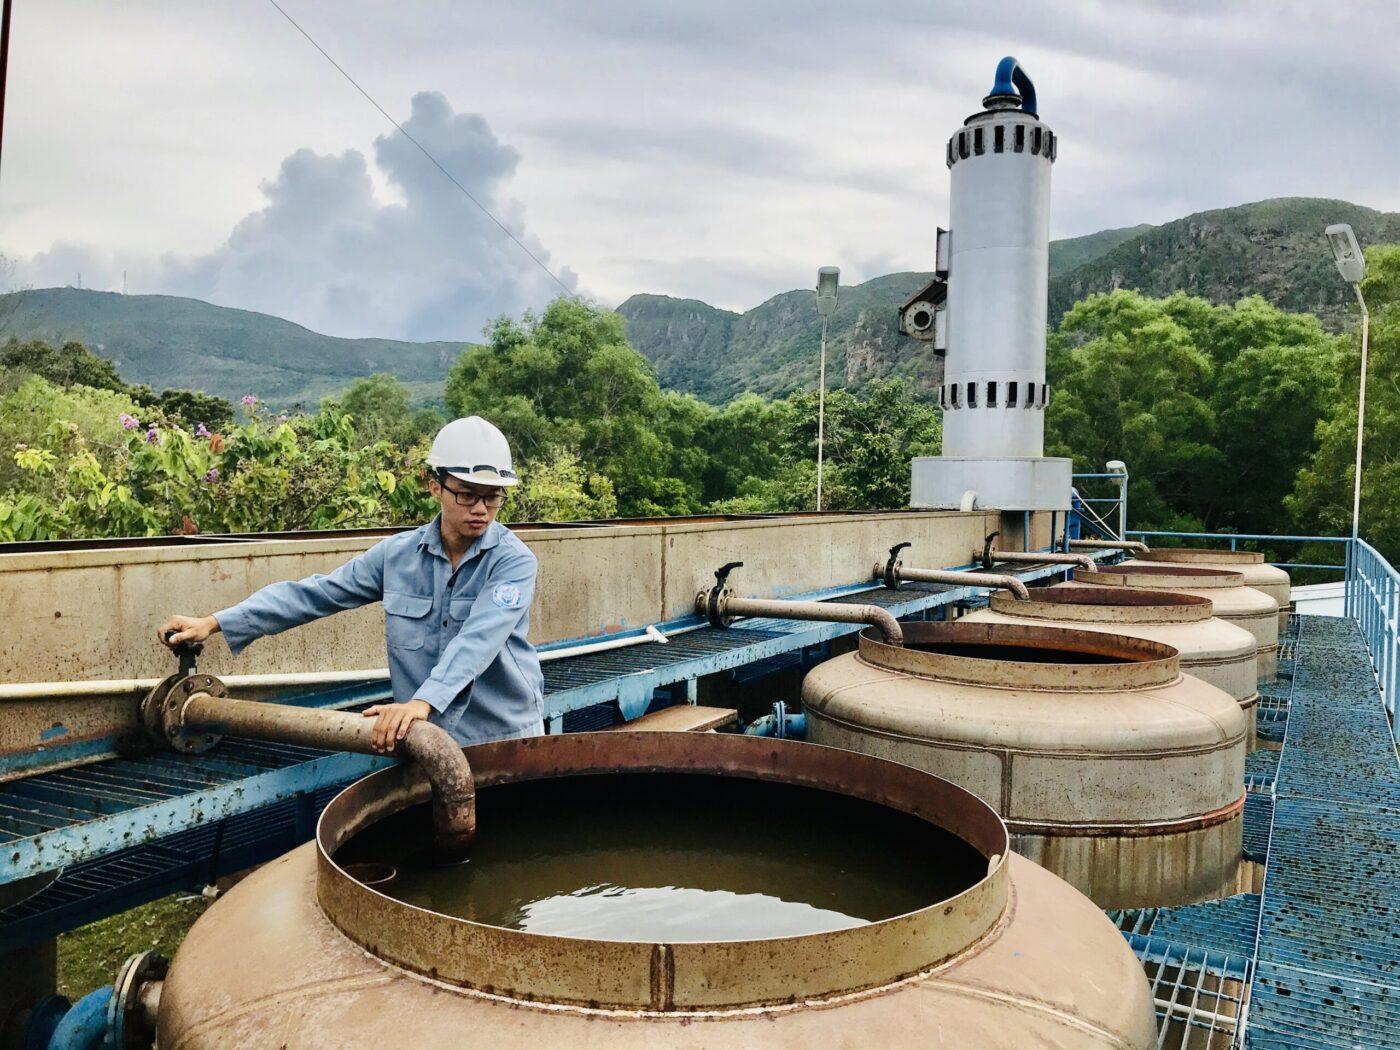 Công nhân Trạm cấp nước Côn Đảo kiểm tra chất lượng nước đầu vào để sản xuất nước sạch cung cấp cho hoạt động sinh hoạt, sản xuất trên đảo.